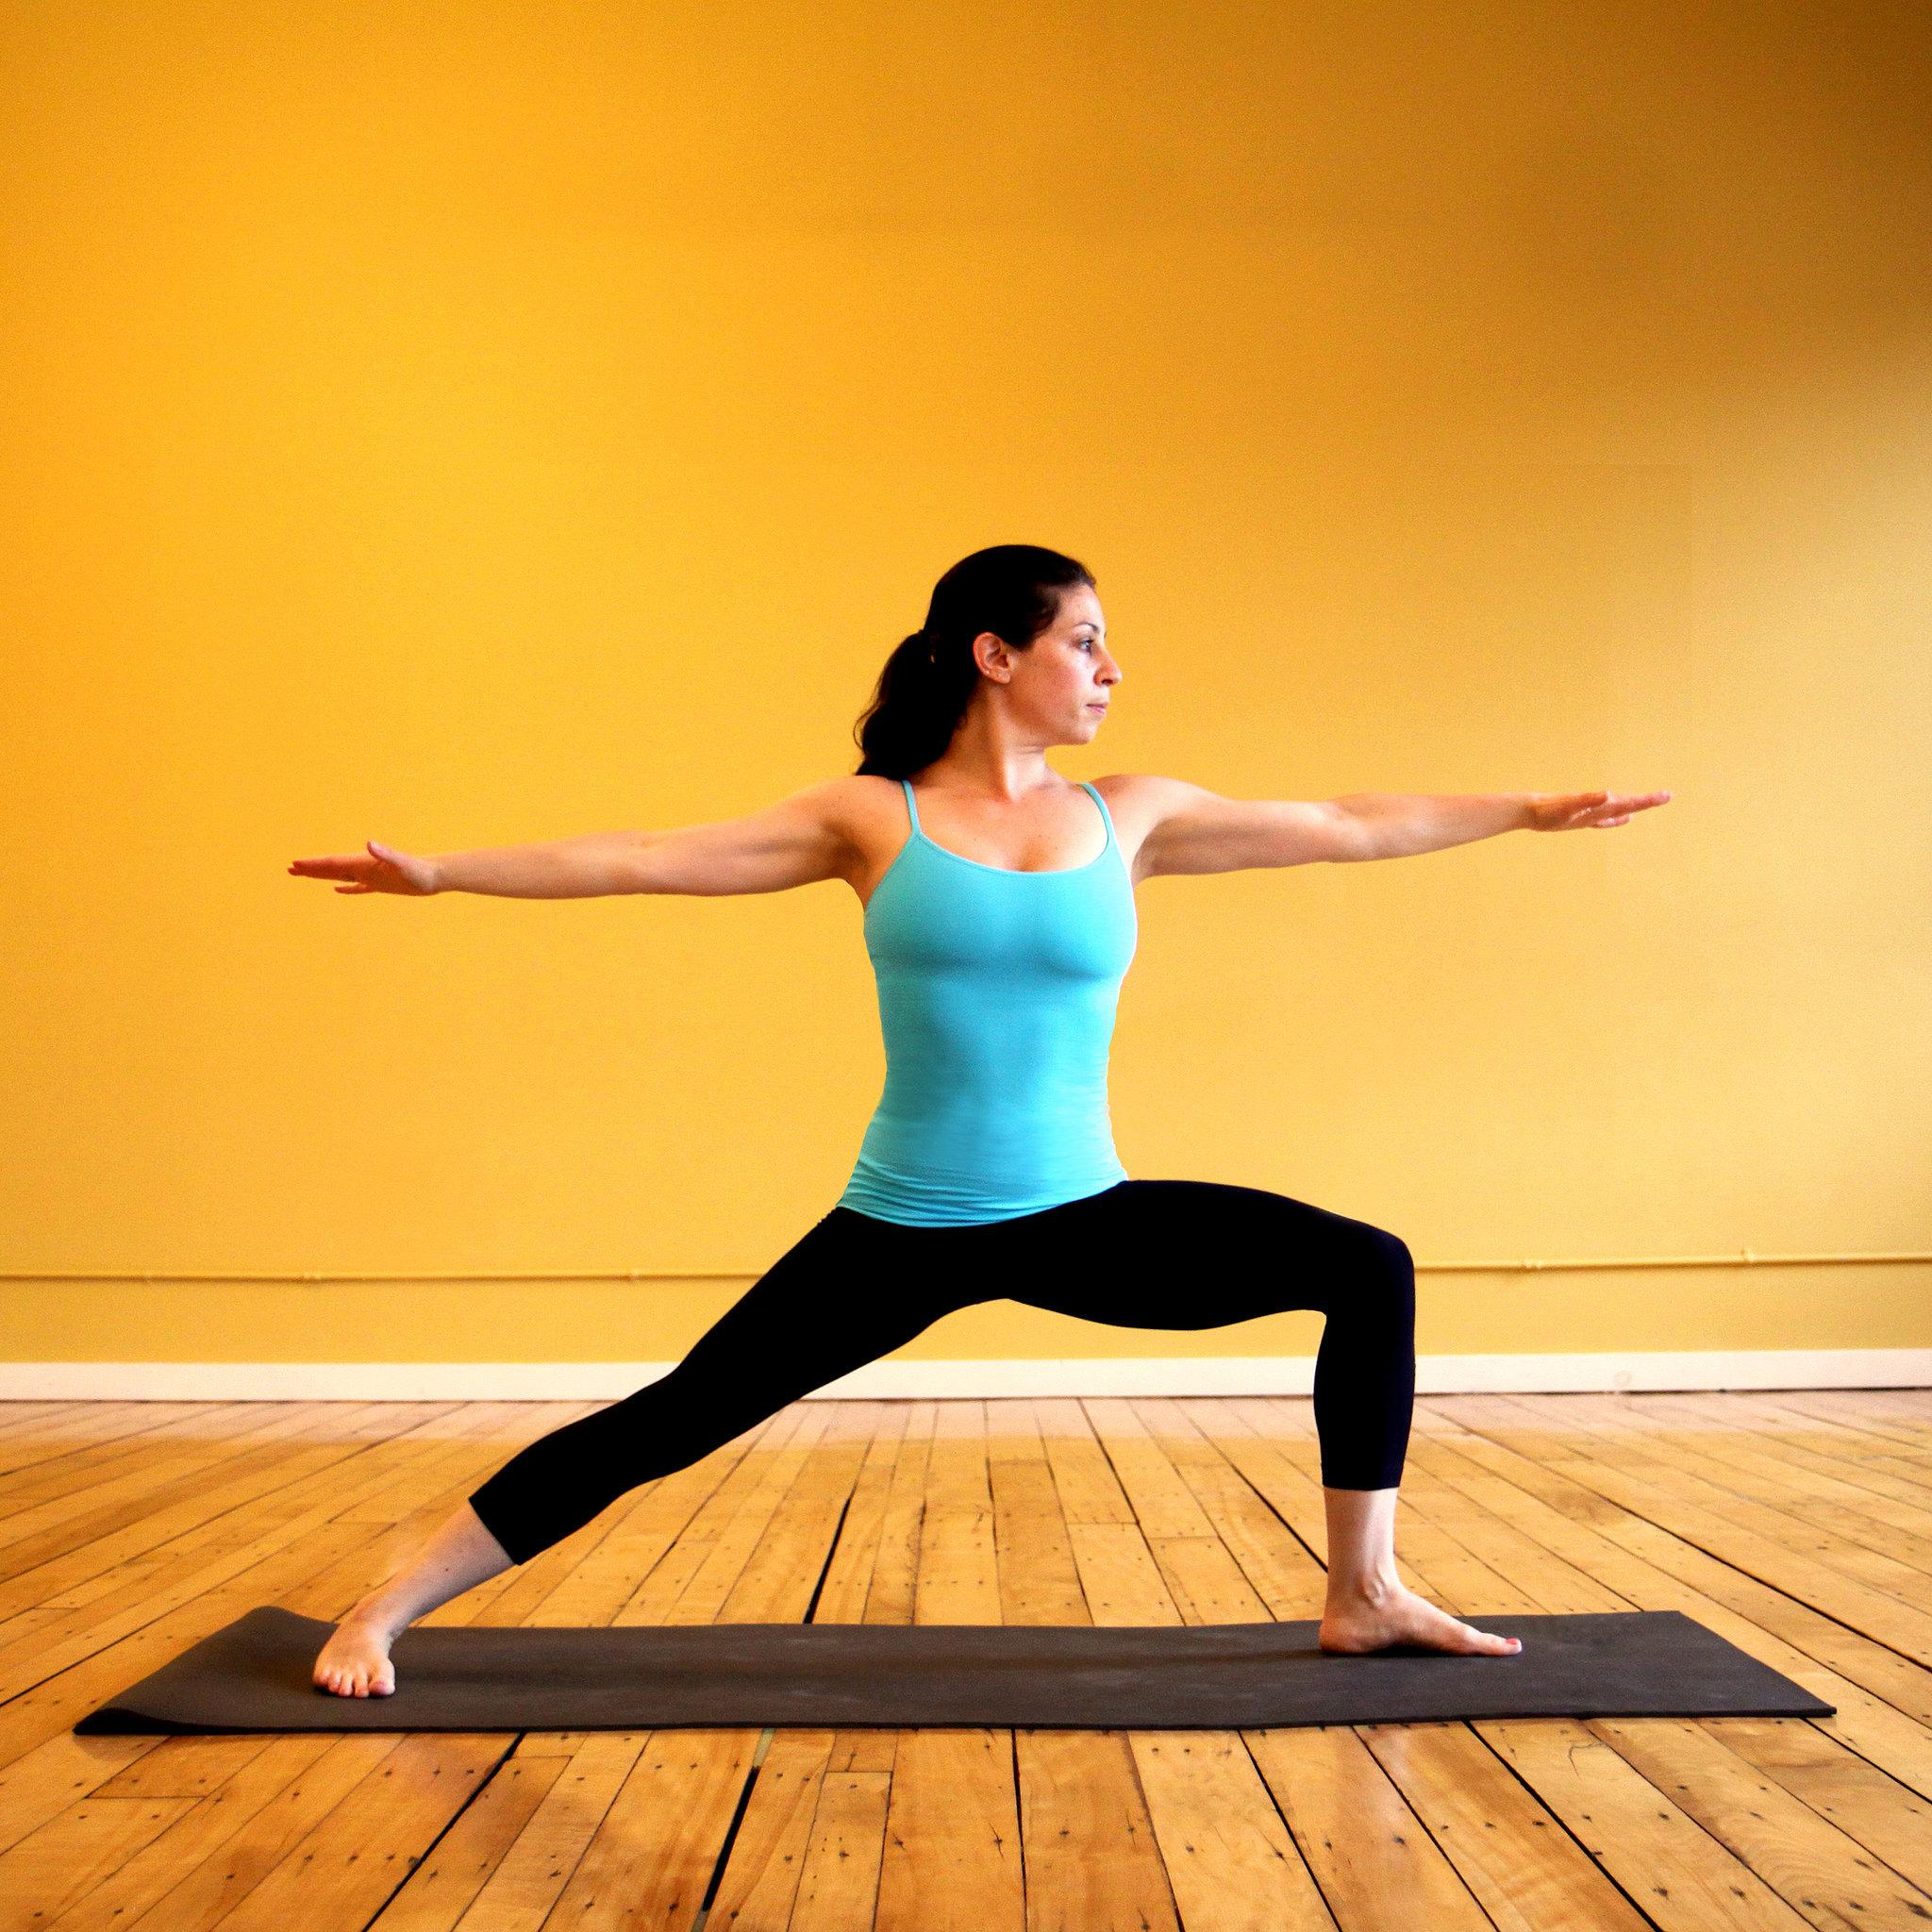 Yoga Asana for Cardiovascular Health